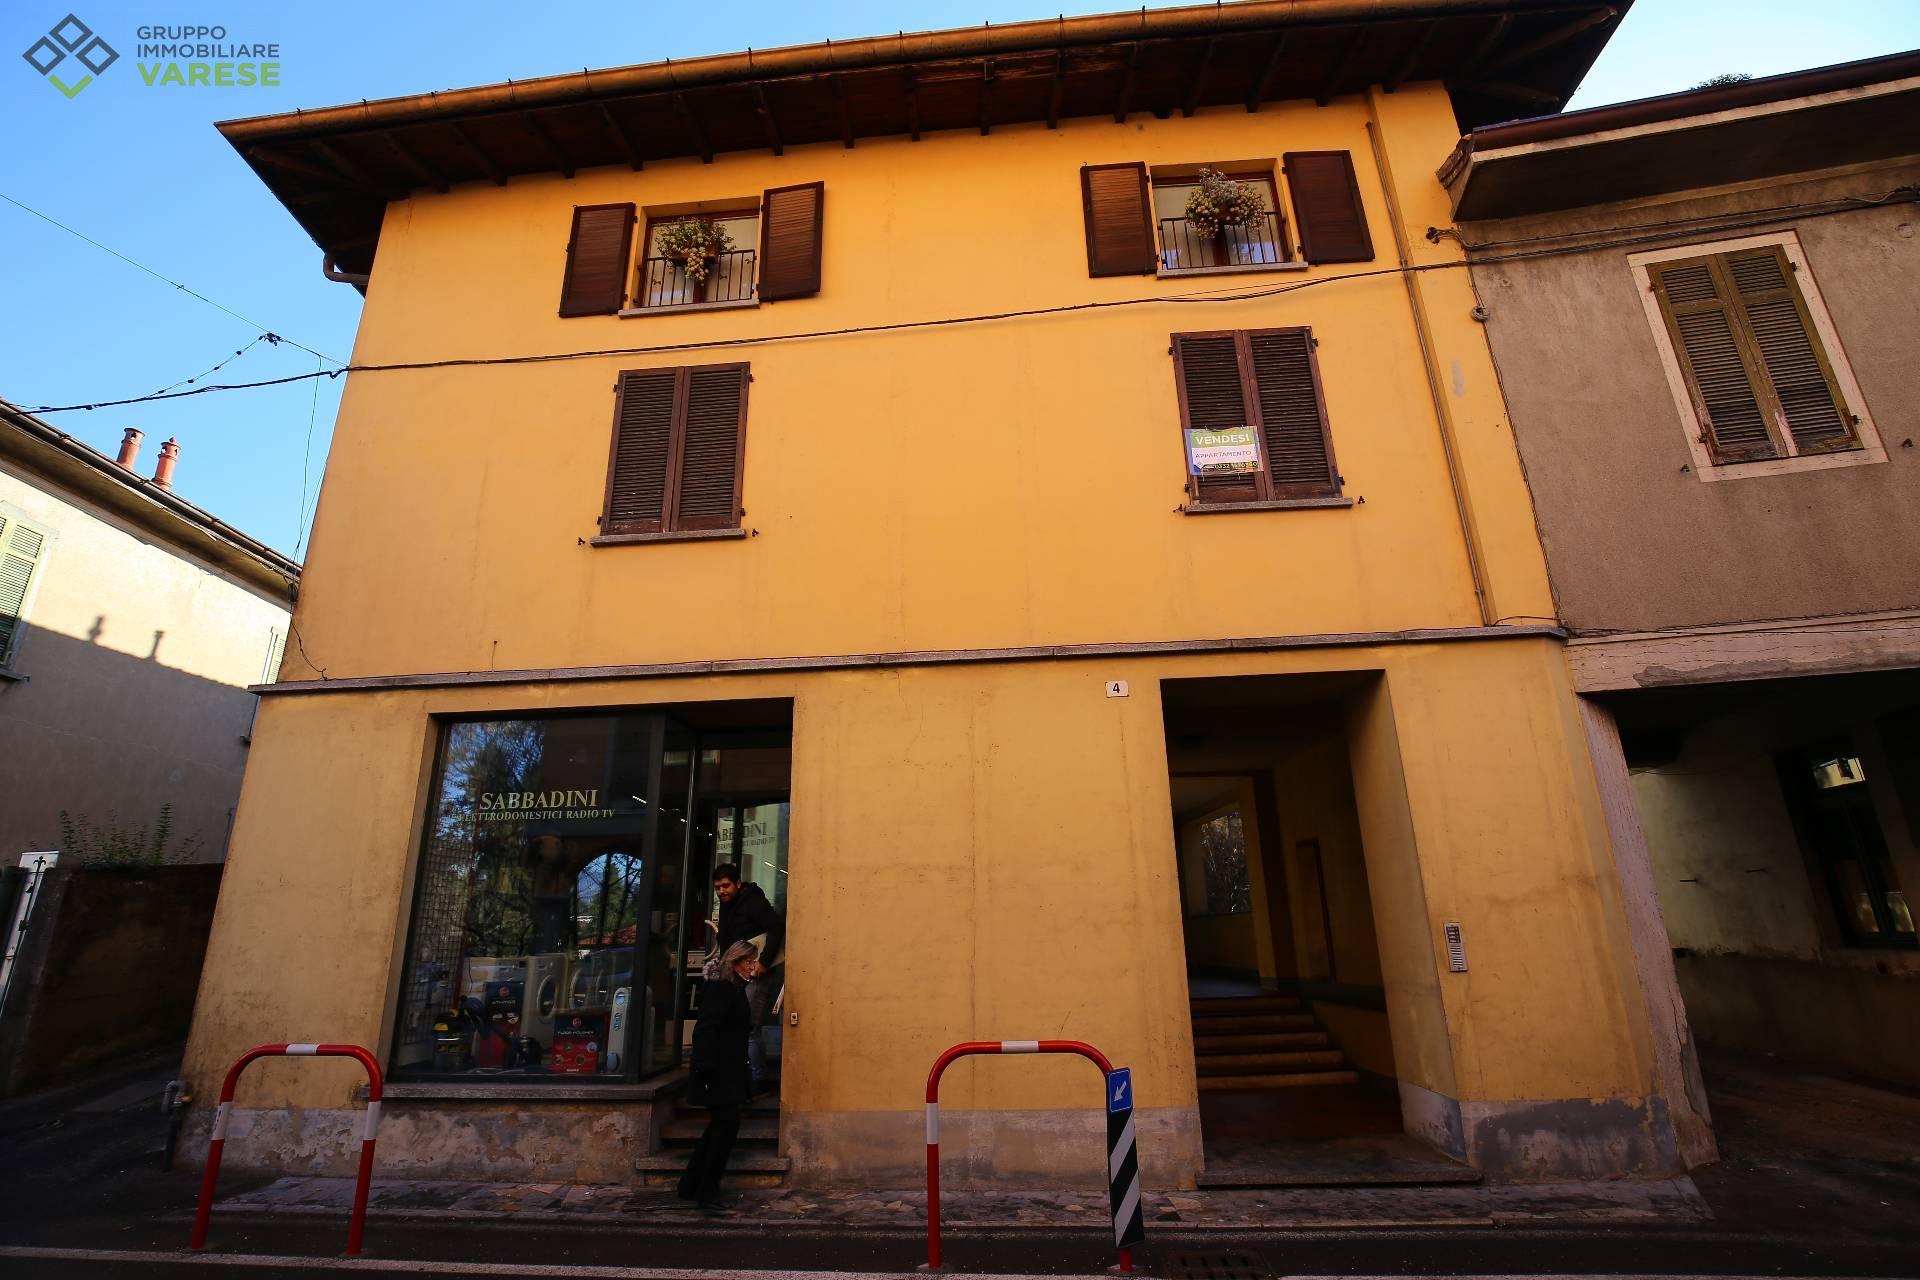 Appartamento in vendita a Cantello, 4 locali, prezzo € 99.000 | CambioCasa.it